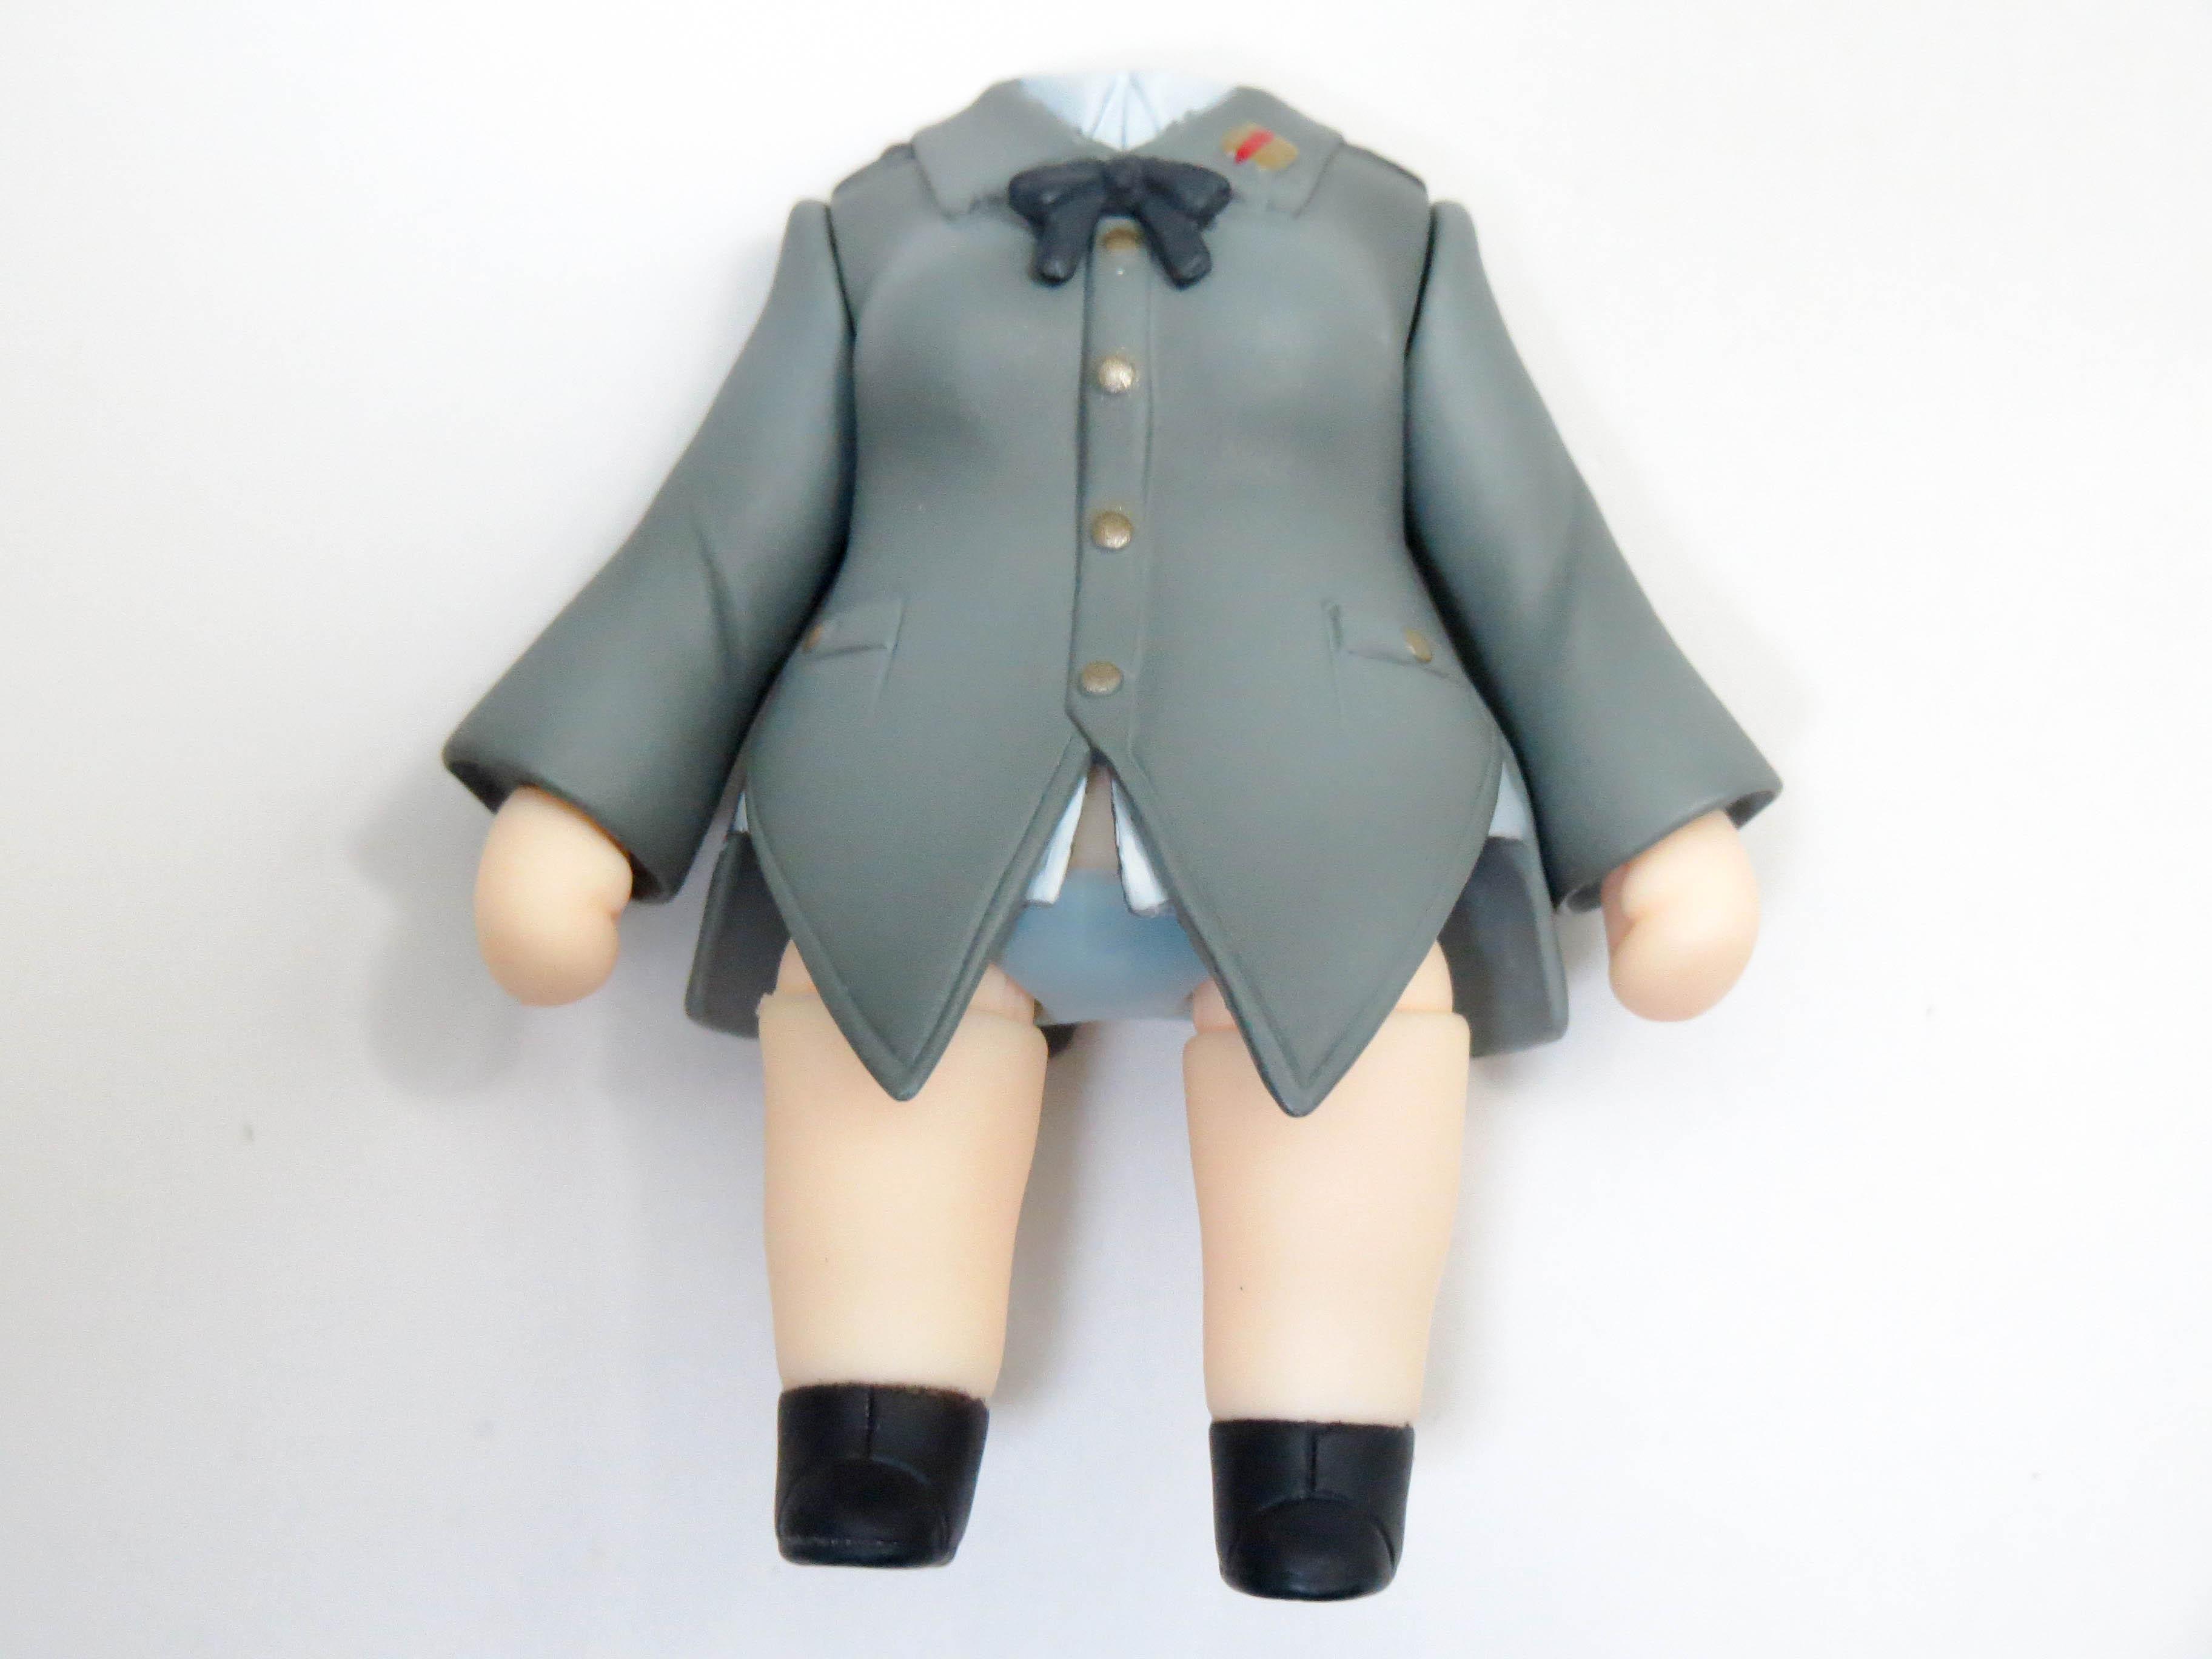 【259】 ゲルトルート・バルクホルン 体パーツ 戦闘服 ねんどろいど